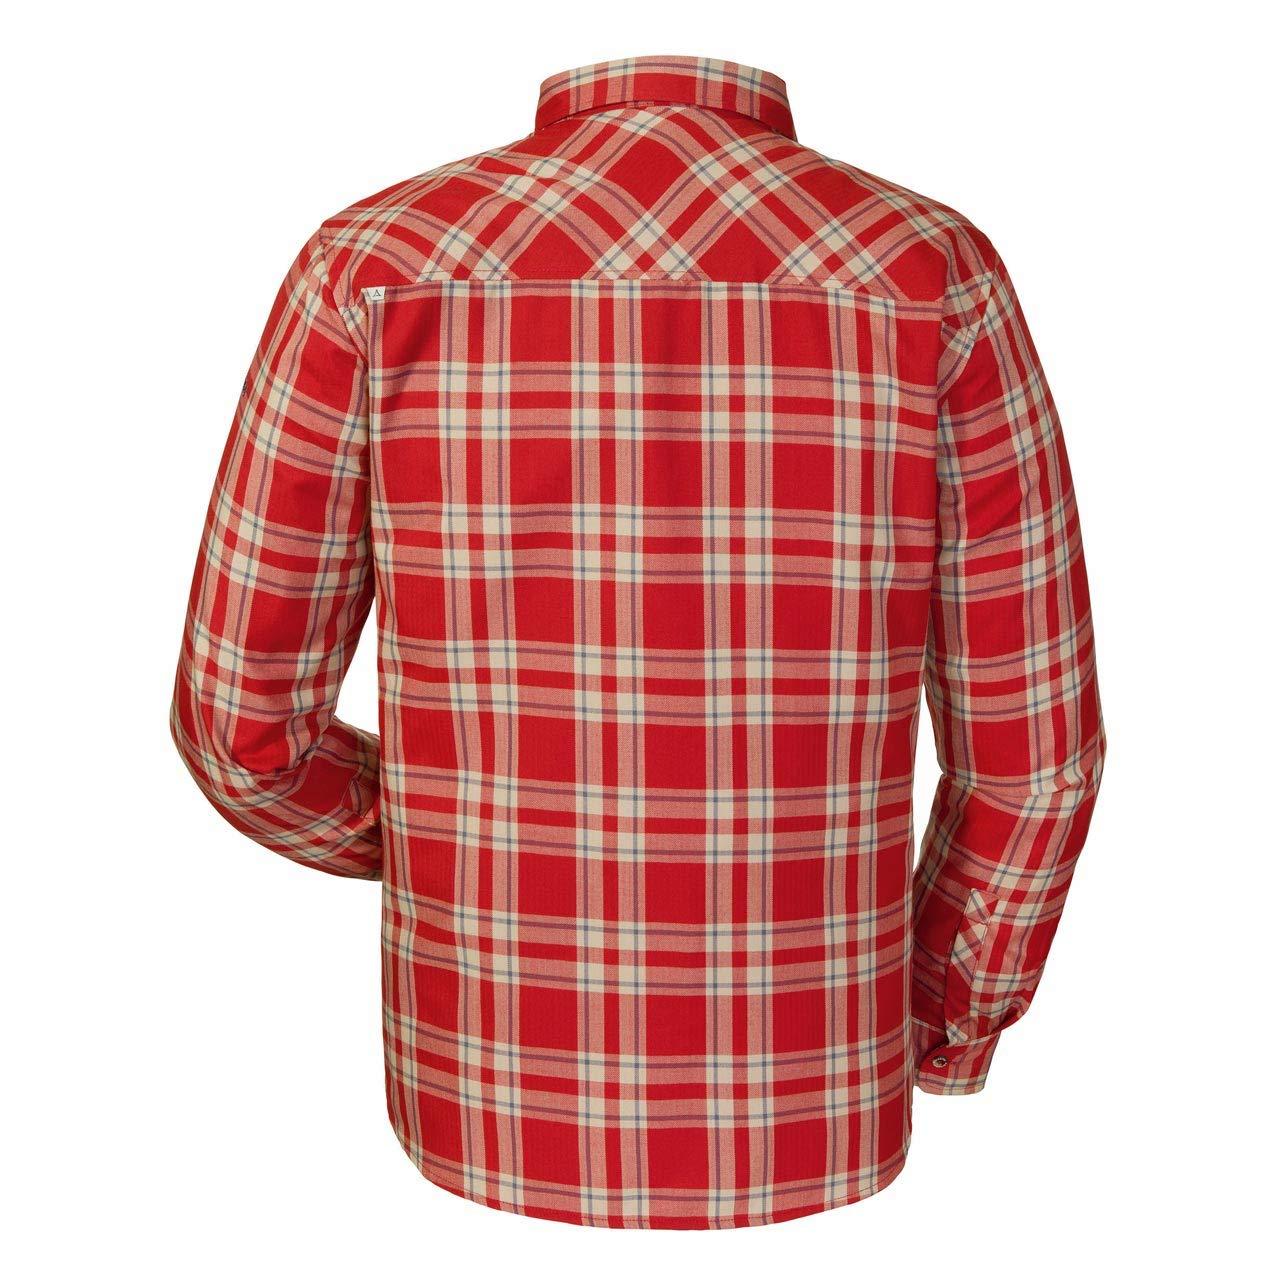 Sch/öffel Herren Maastricht2 Shirt